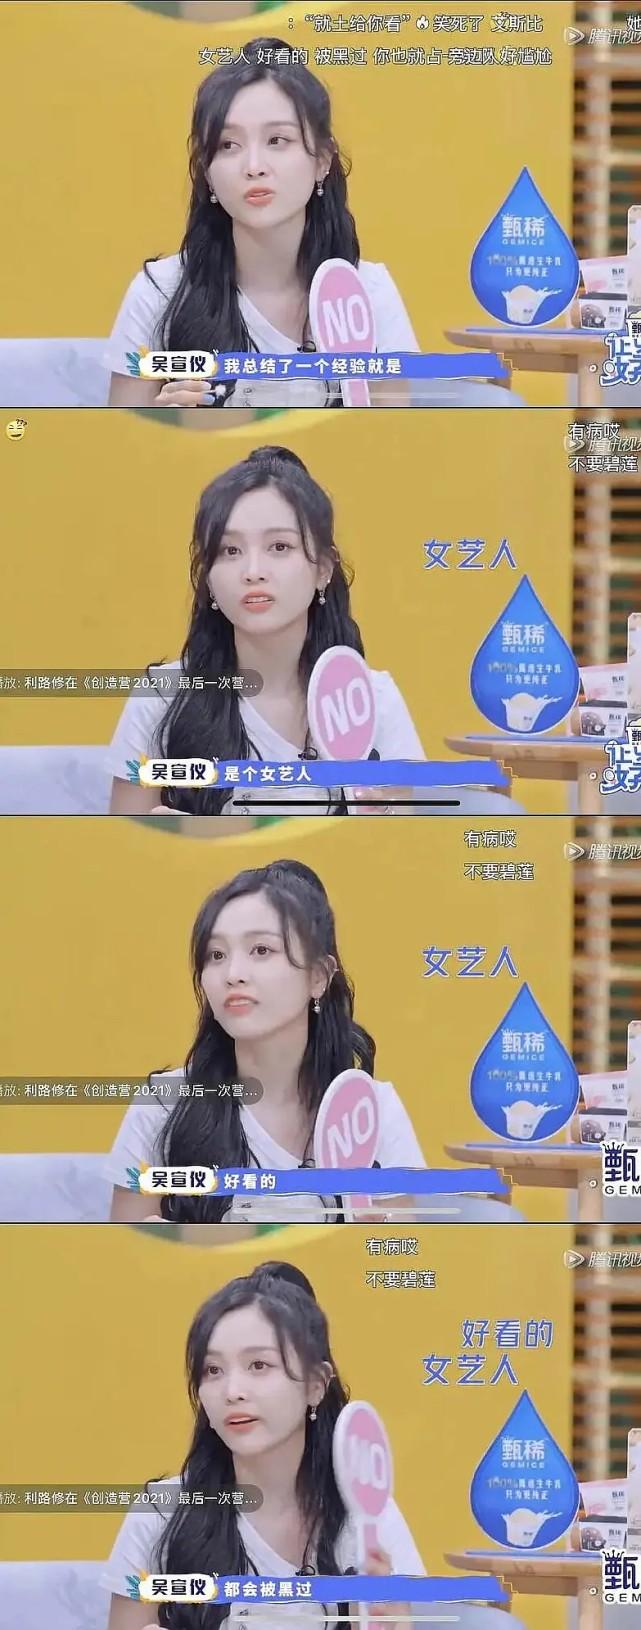 吴宣仪:这个圈子的女孩不被善待